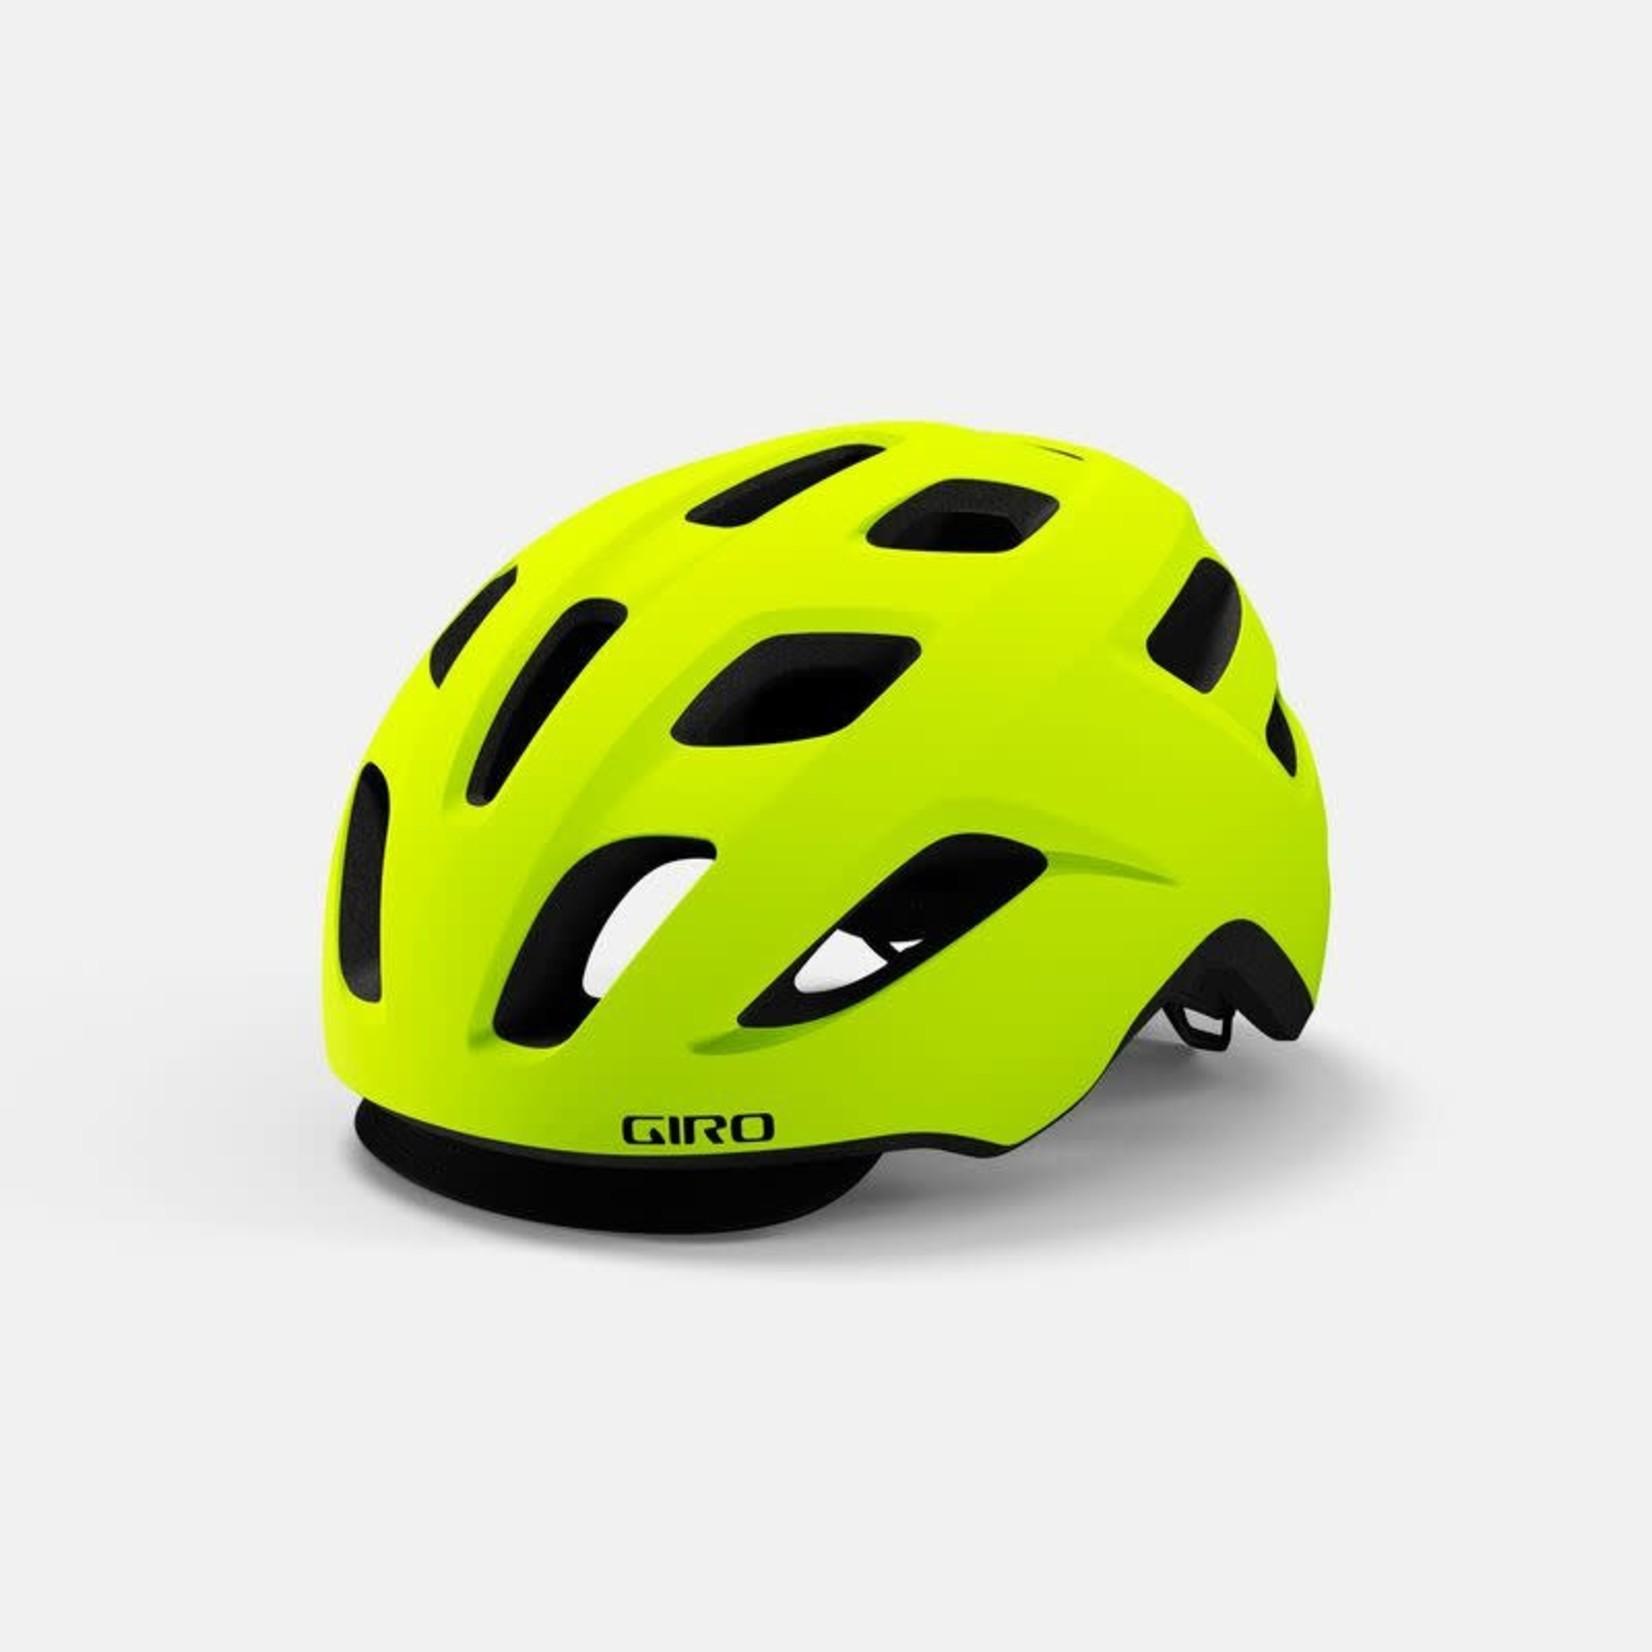 Giro Bike GIRO CORMICK MIPS MAT HI YEL/BLK